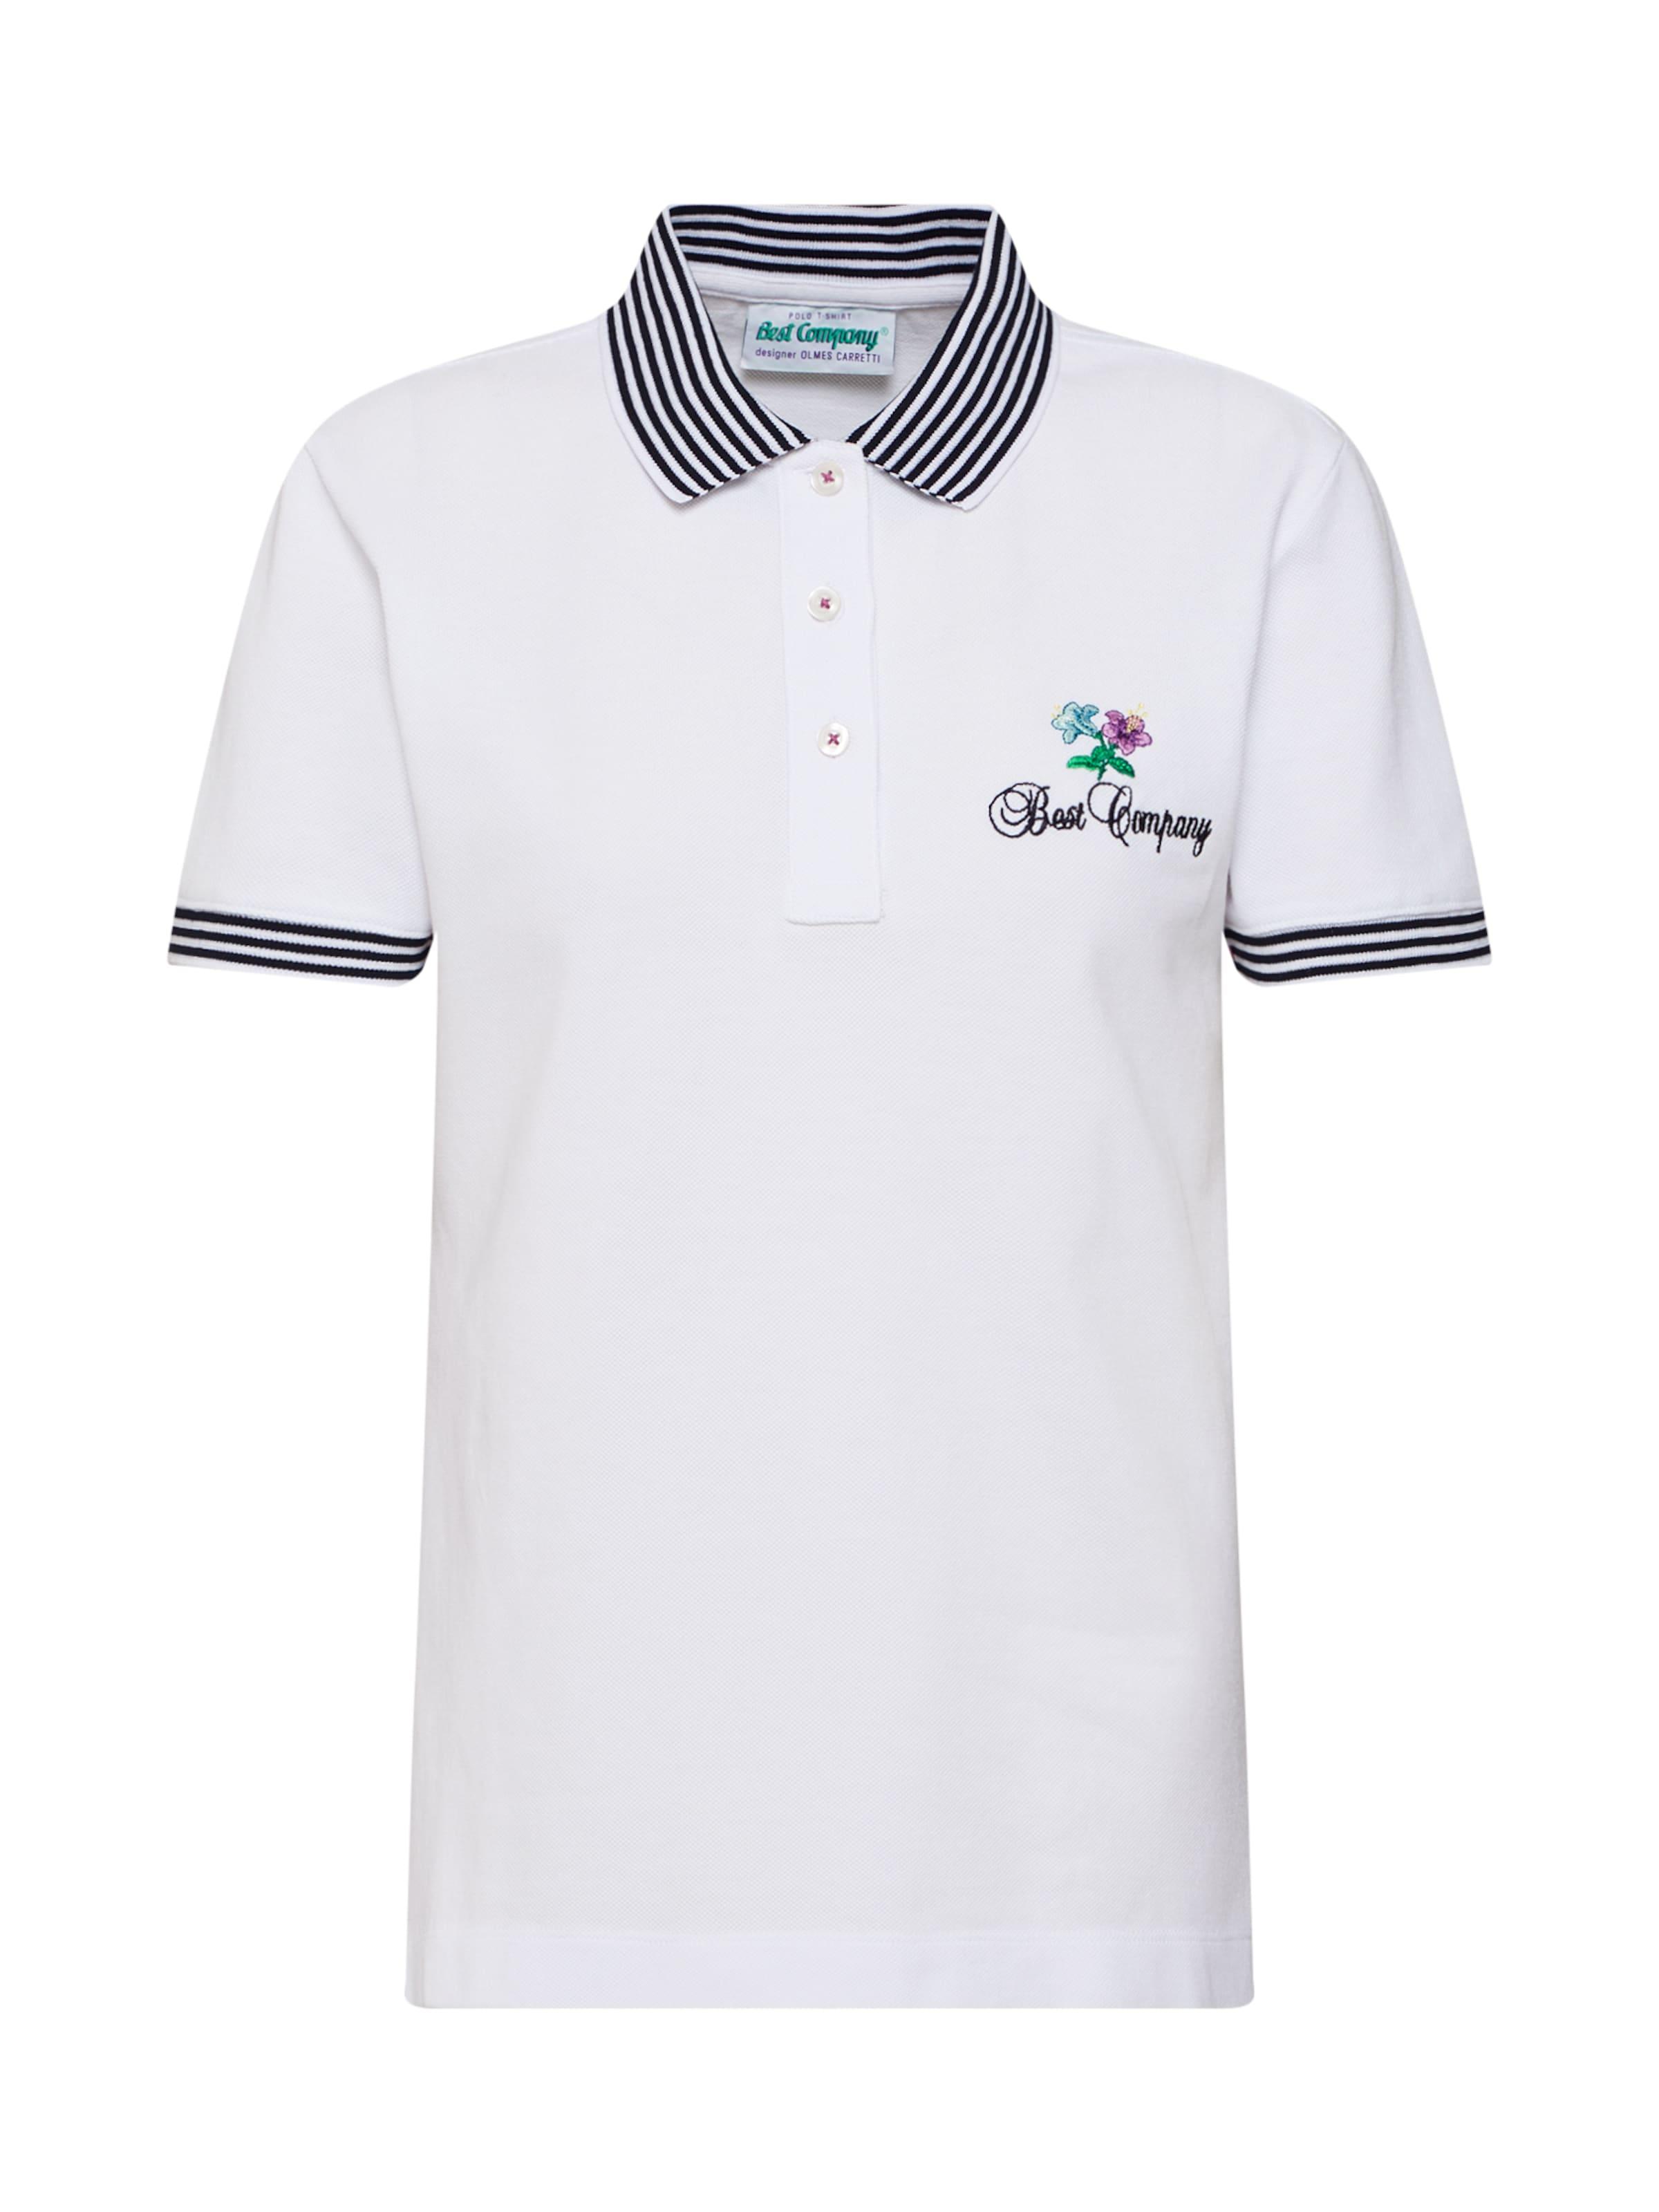 T De Best Company shirt En CouleursBlanc Mélange PXk8nOw0